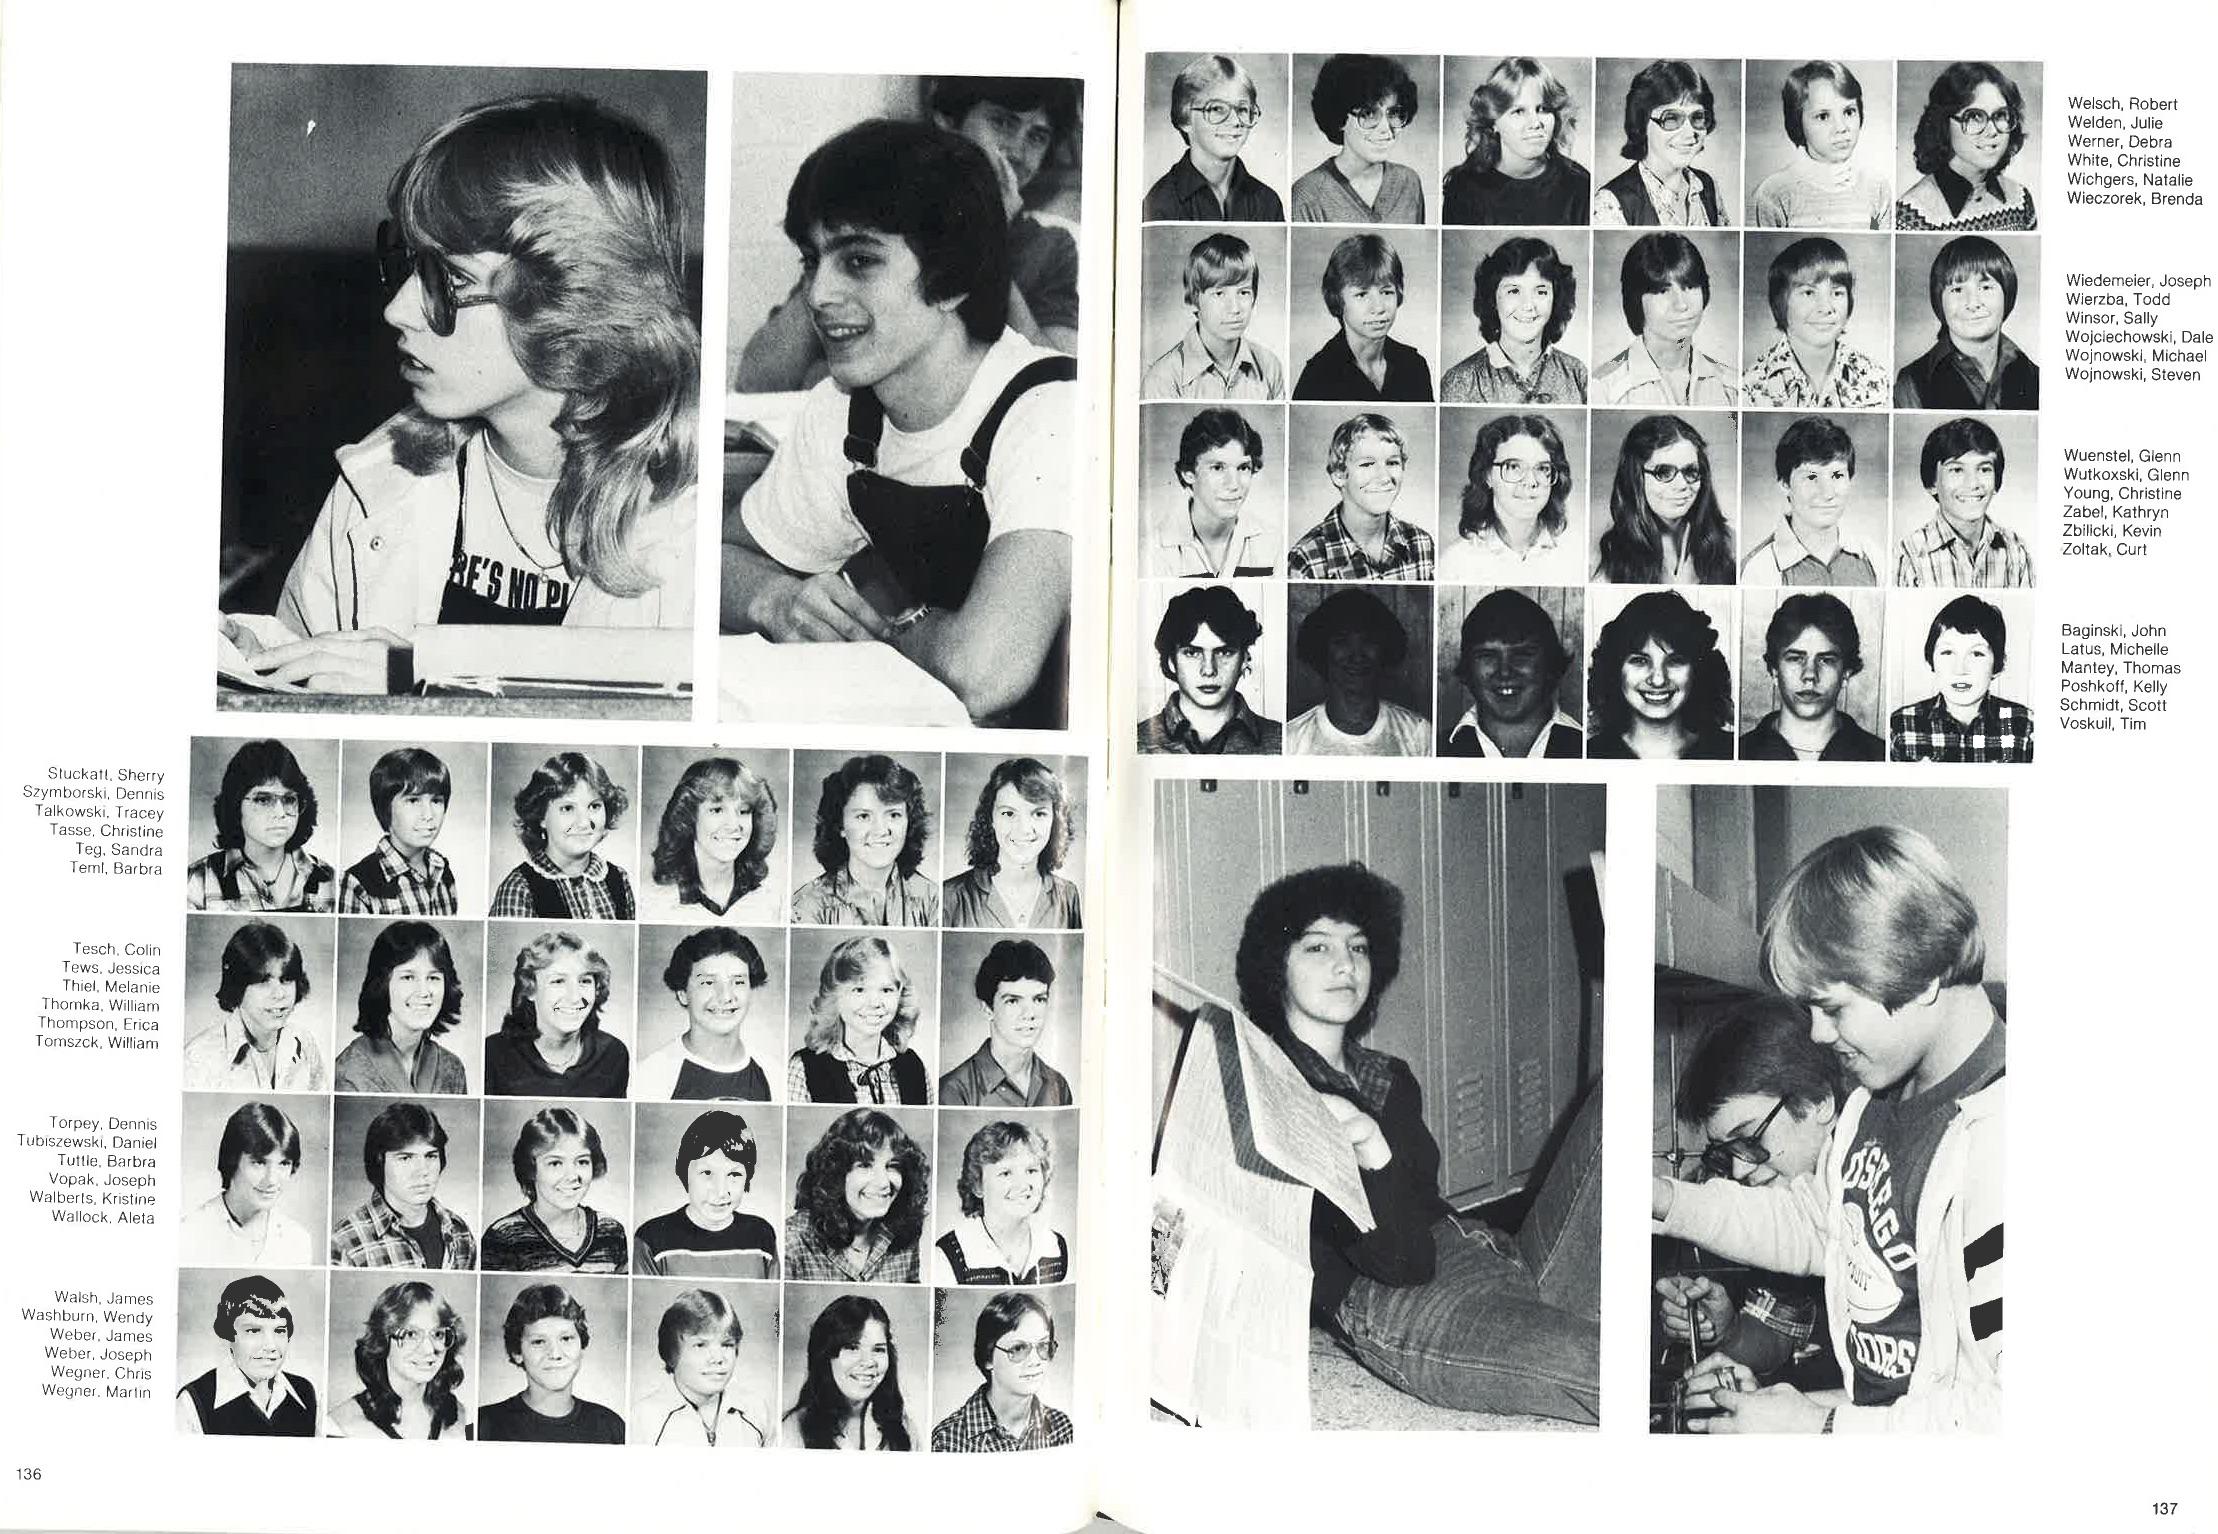 1981_Yearbook_136.jpg